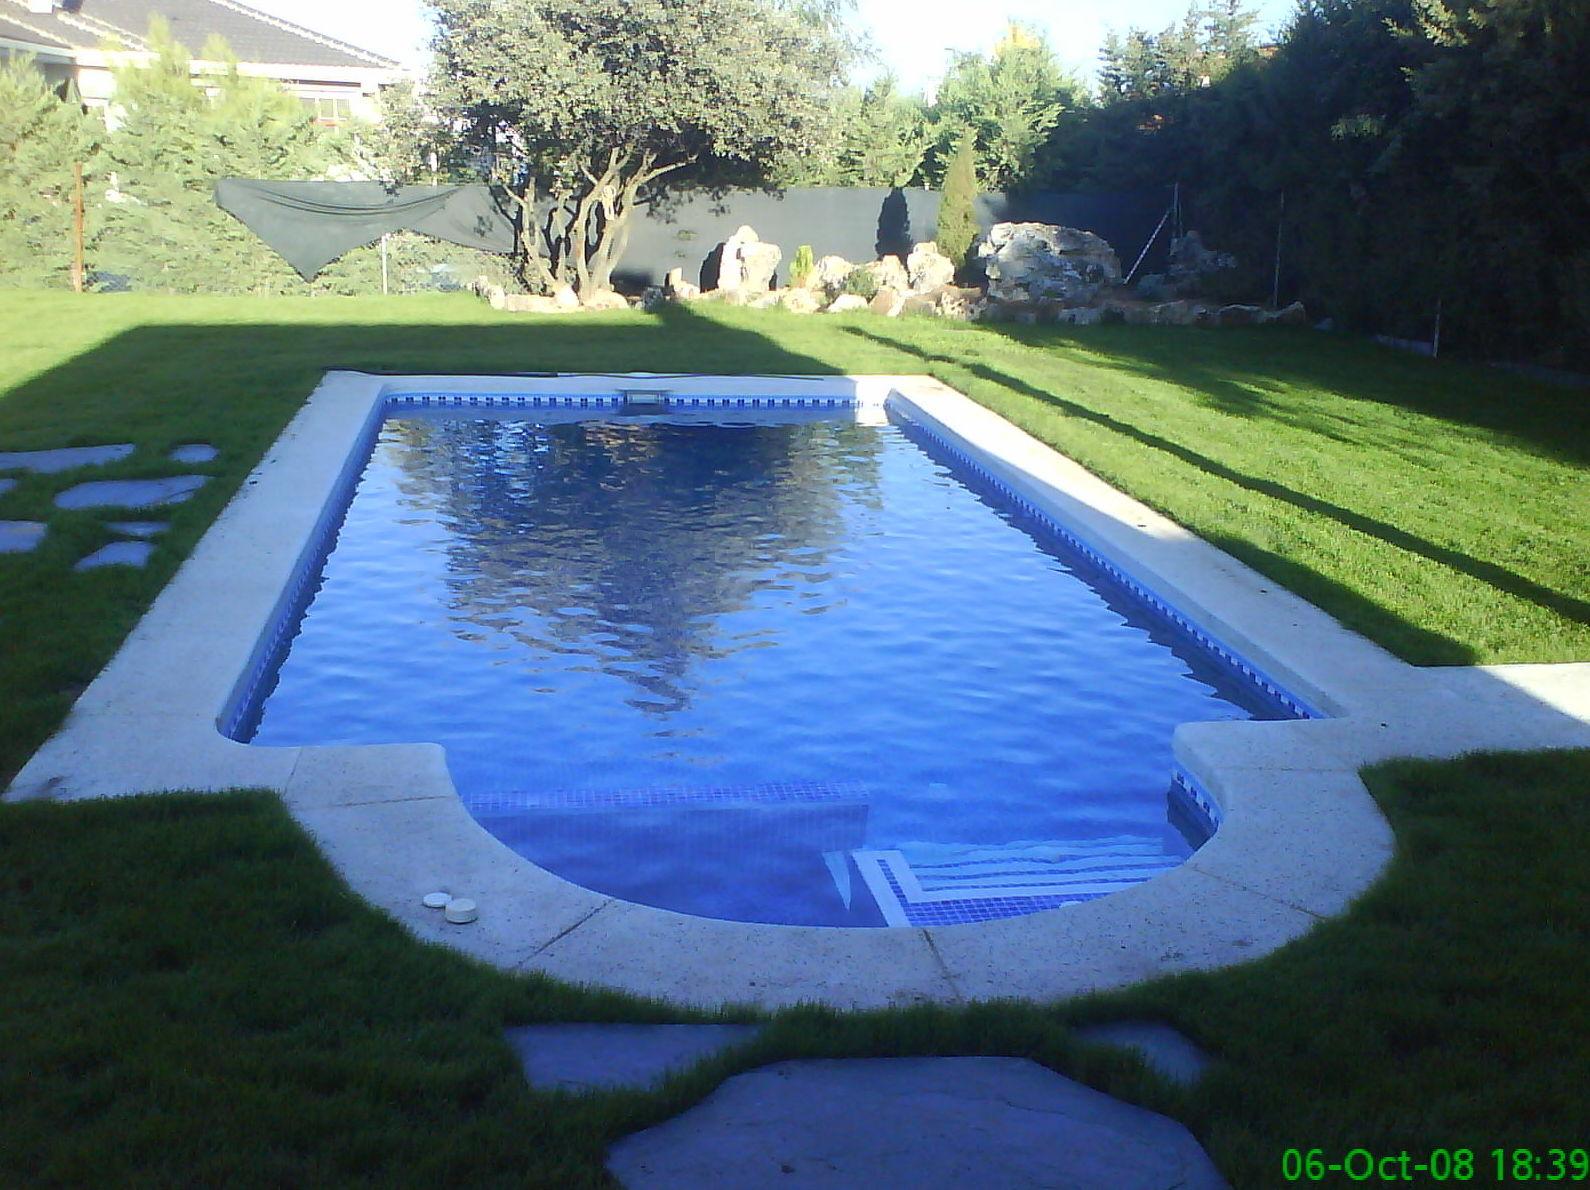 Piscinas de poliester productos y servicios de piscinas y for Productos piscina